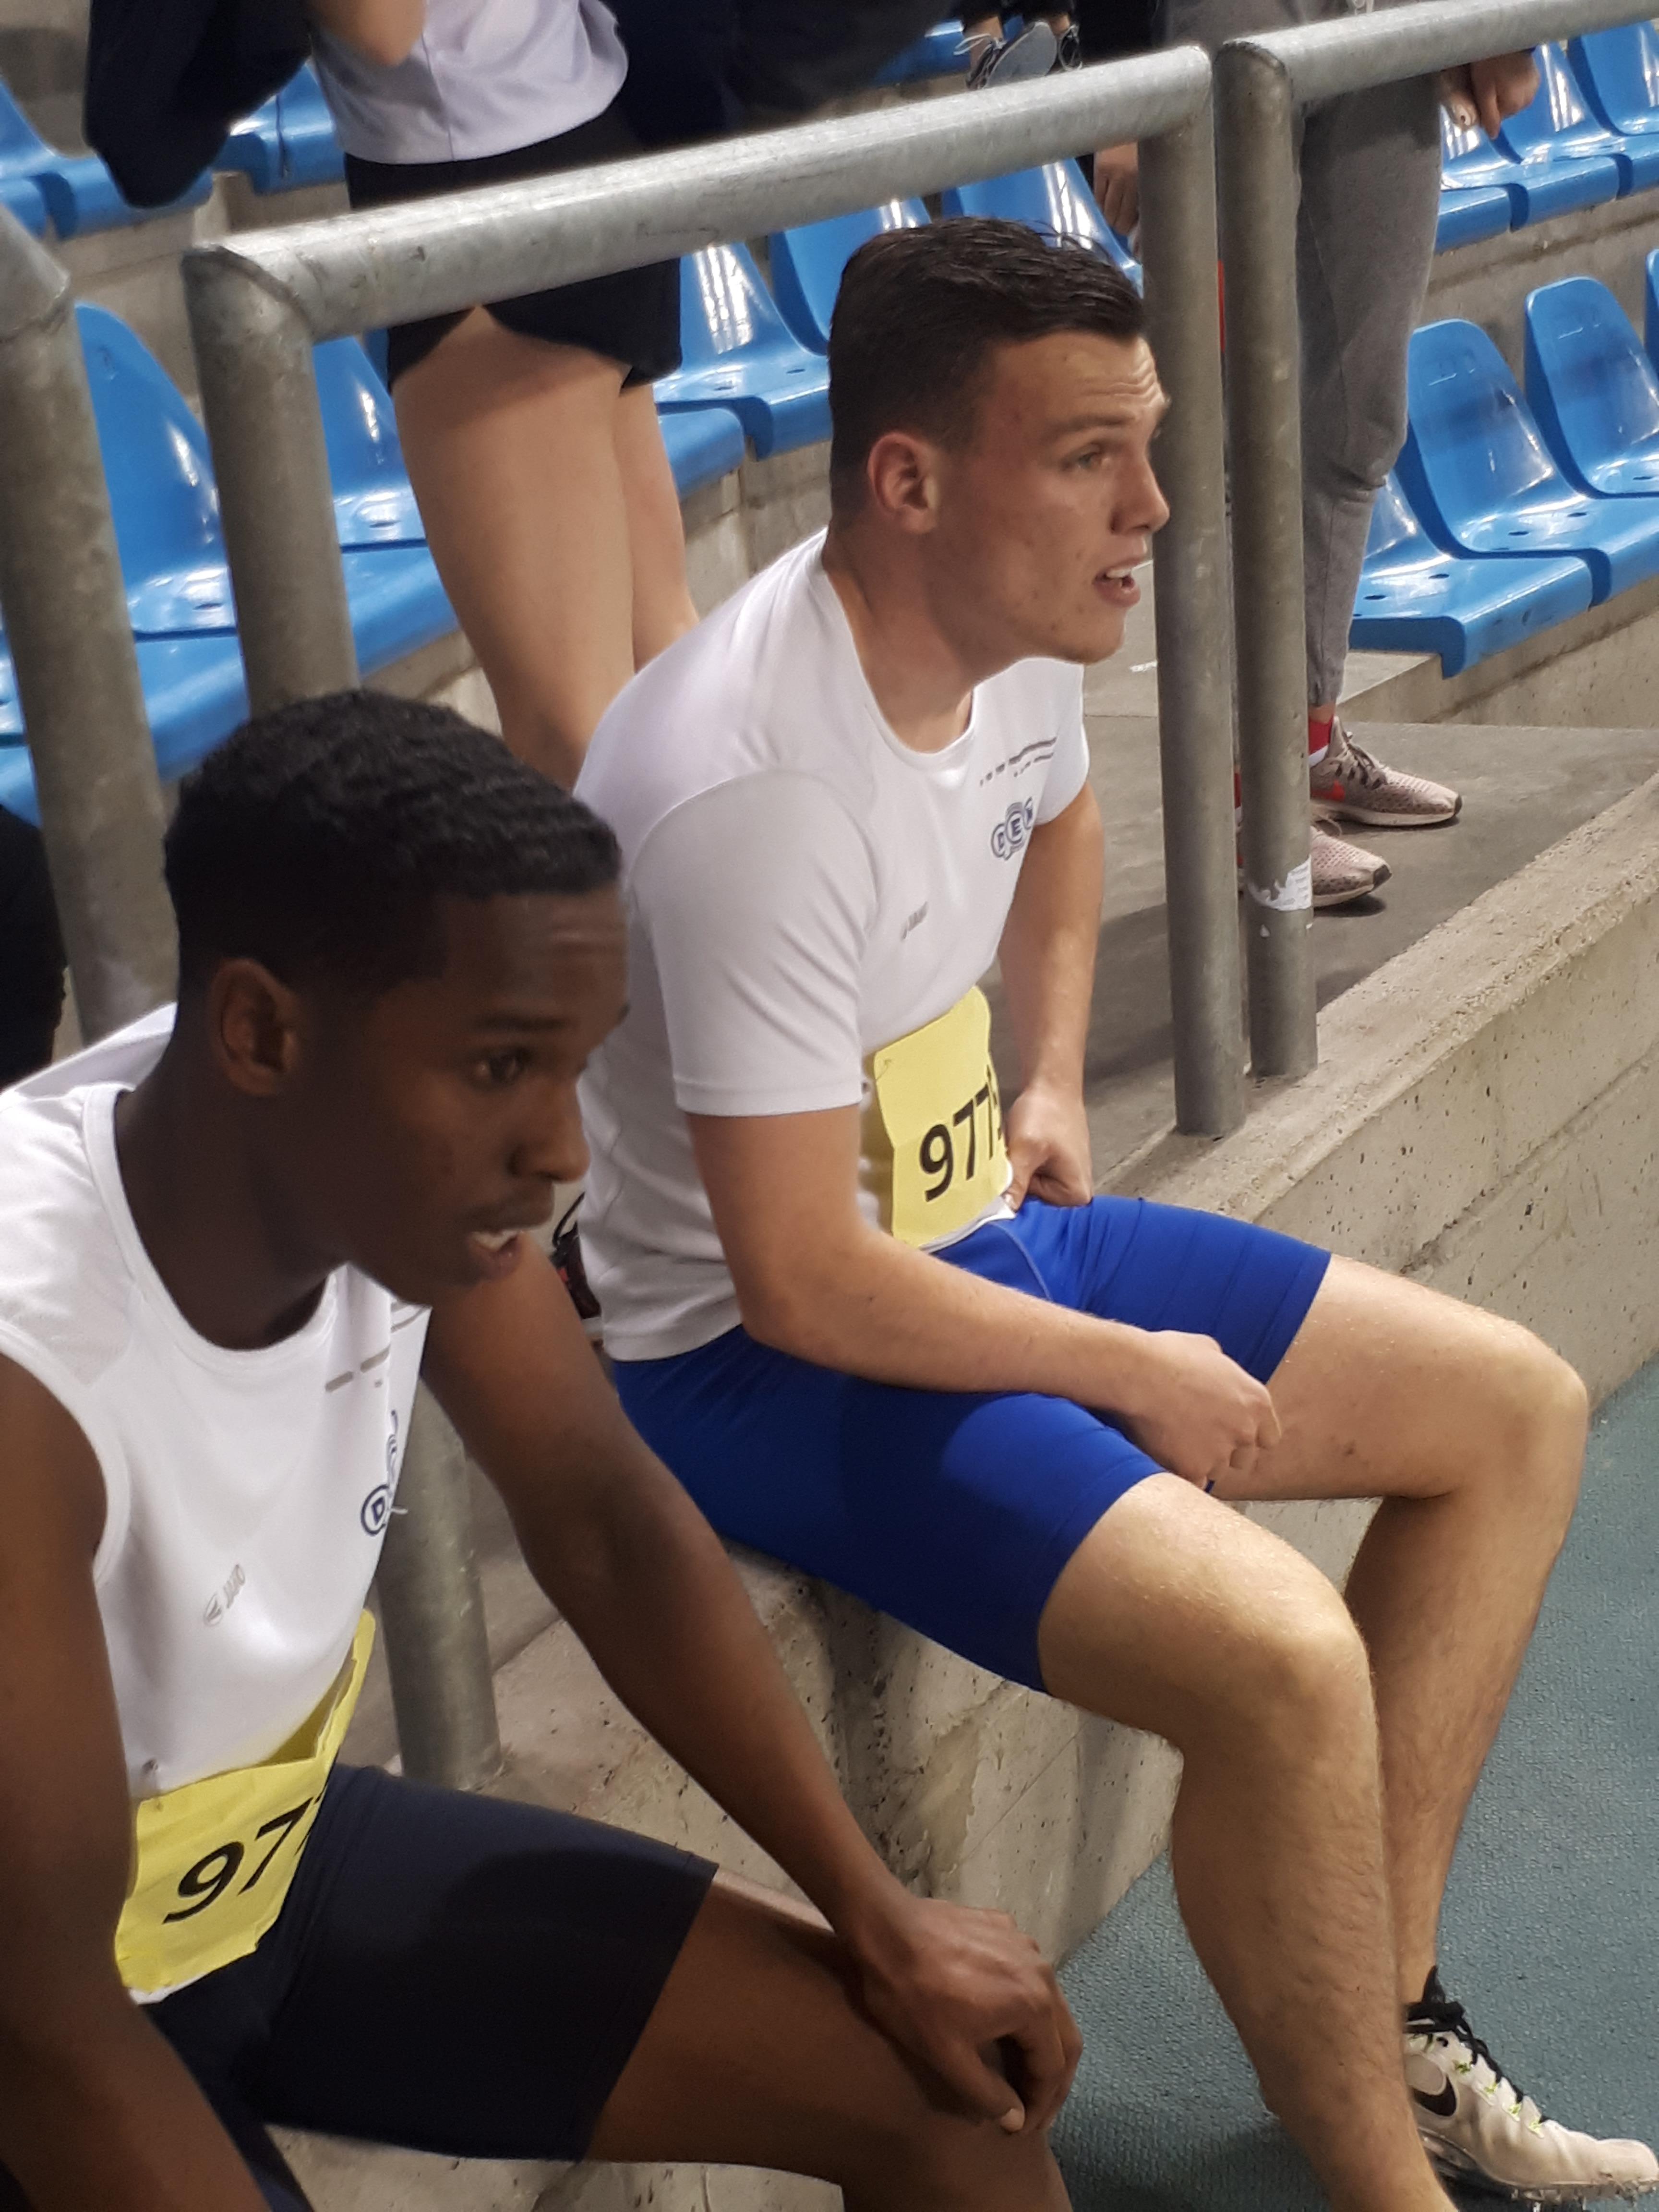 Jamaal Awad en Jordy Kluft uithijgend na hun 300 meter. (Foto: Aangeleverd)